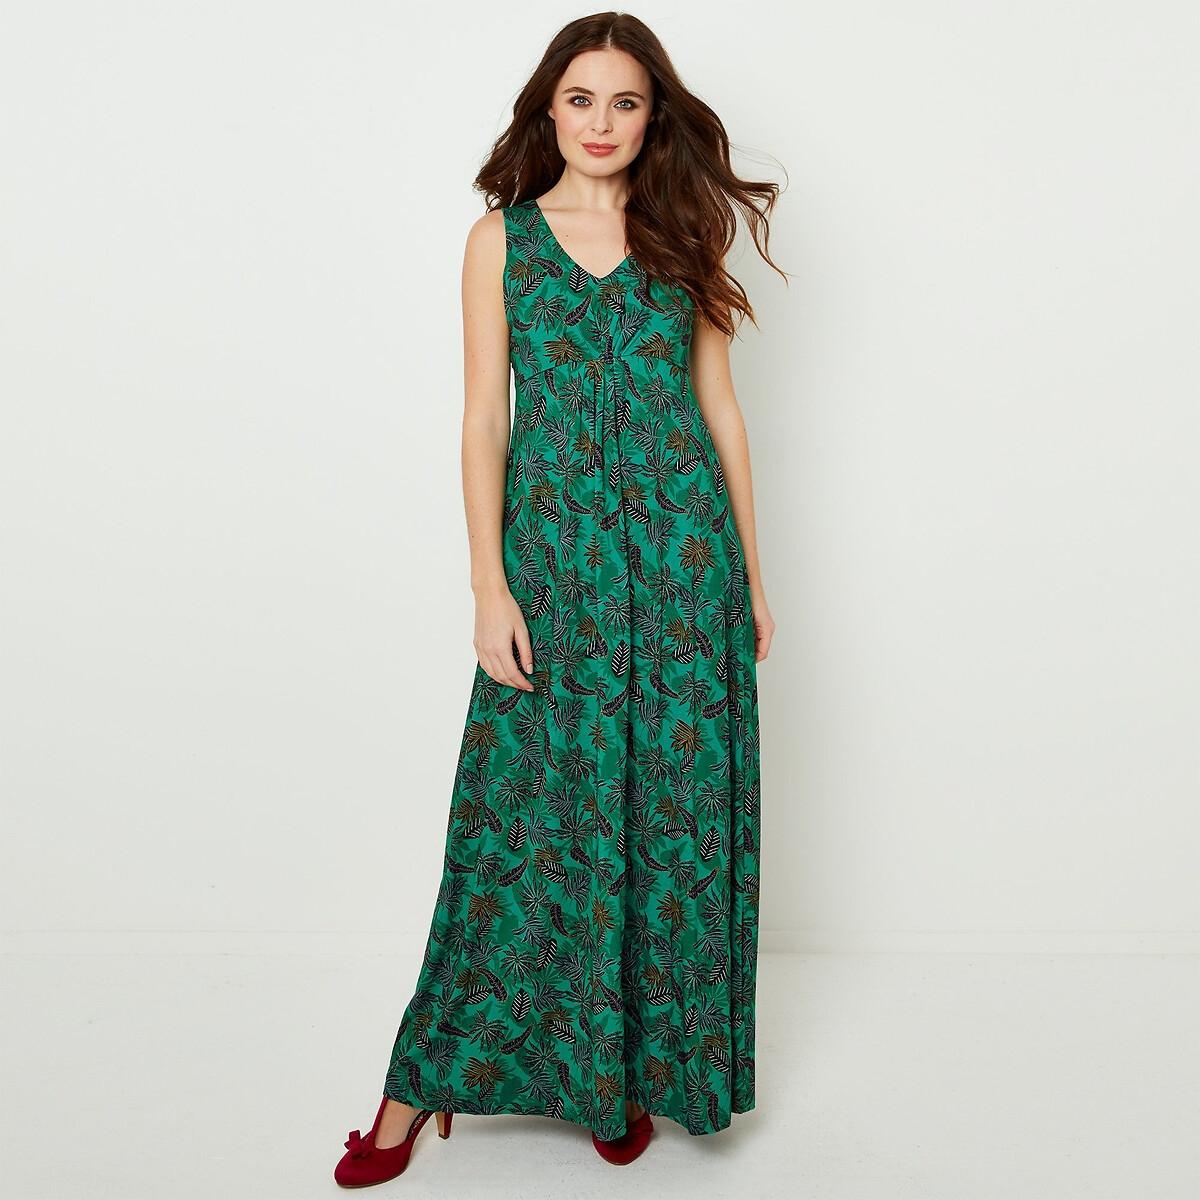 Платье La Redoute Длинное струящееся с рисунком с V-образным вырезом 42 (FR) - 48 (RUS) зеленый платье la redoute длинное без рукавов с застежкой на пуговицы спереди 42 fr 48 rus зеленый